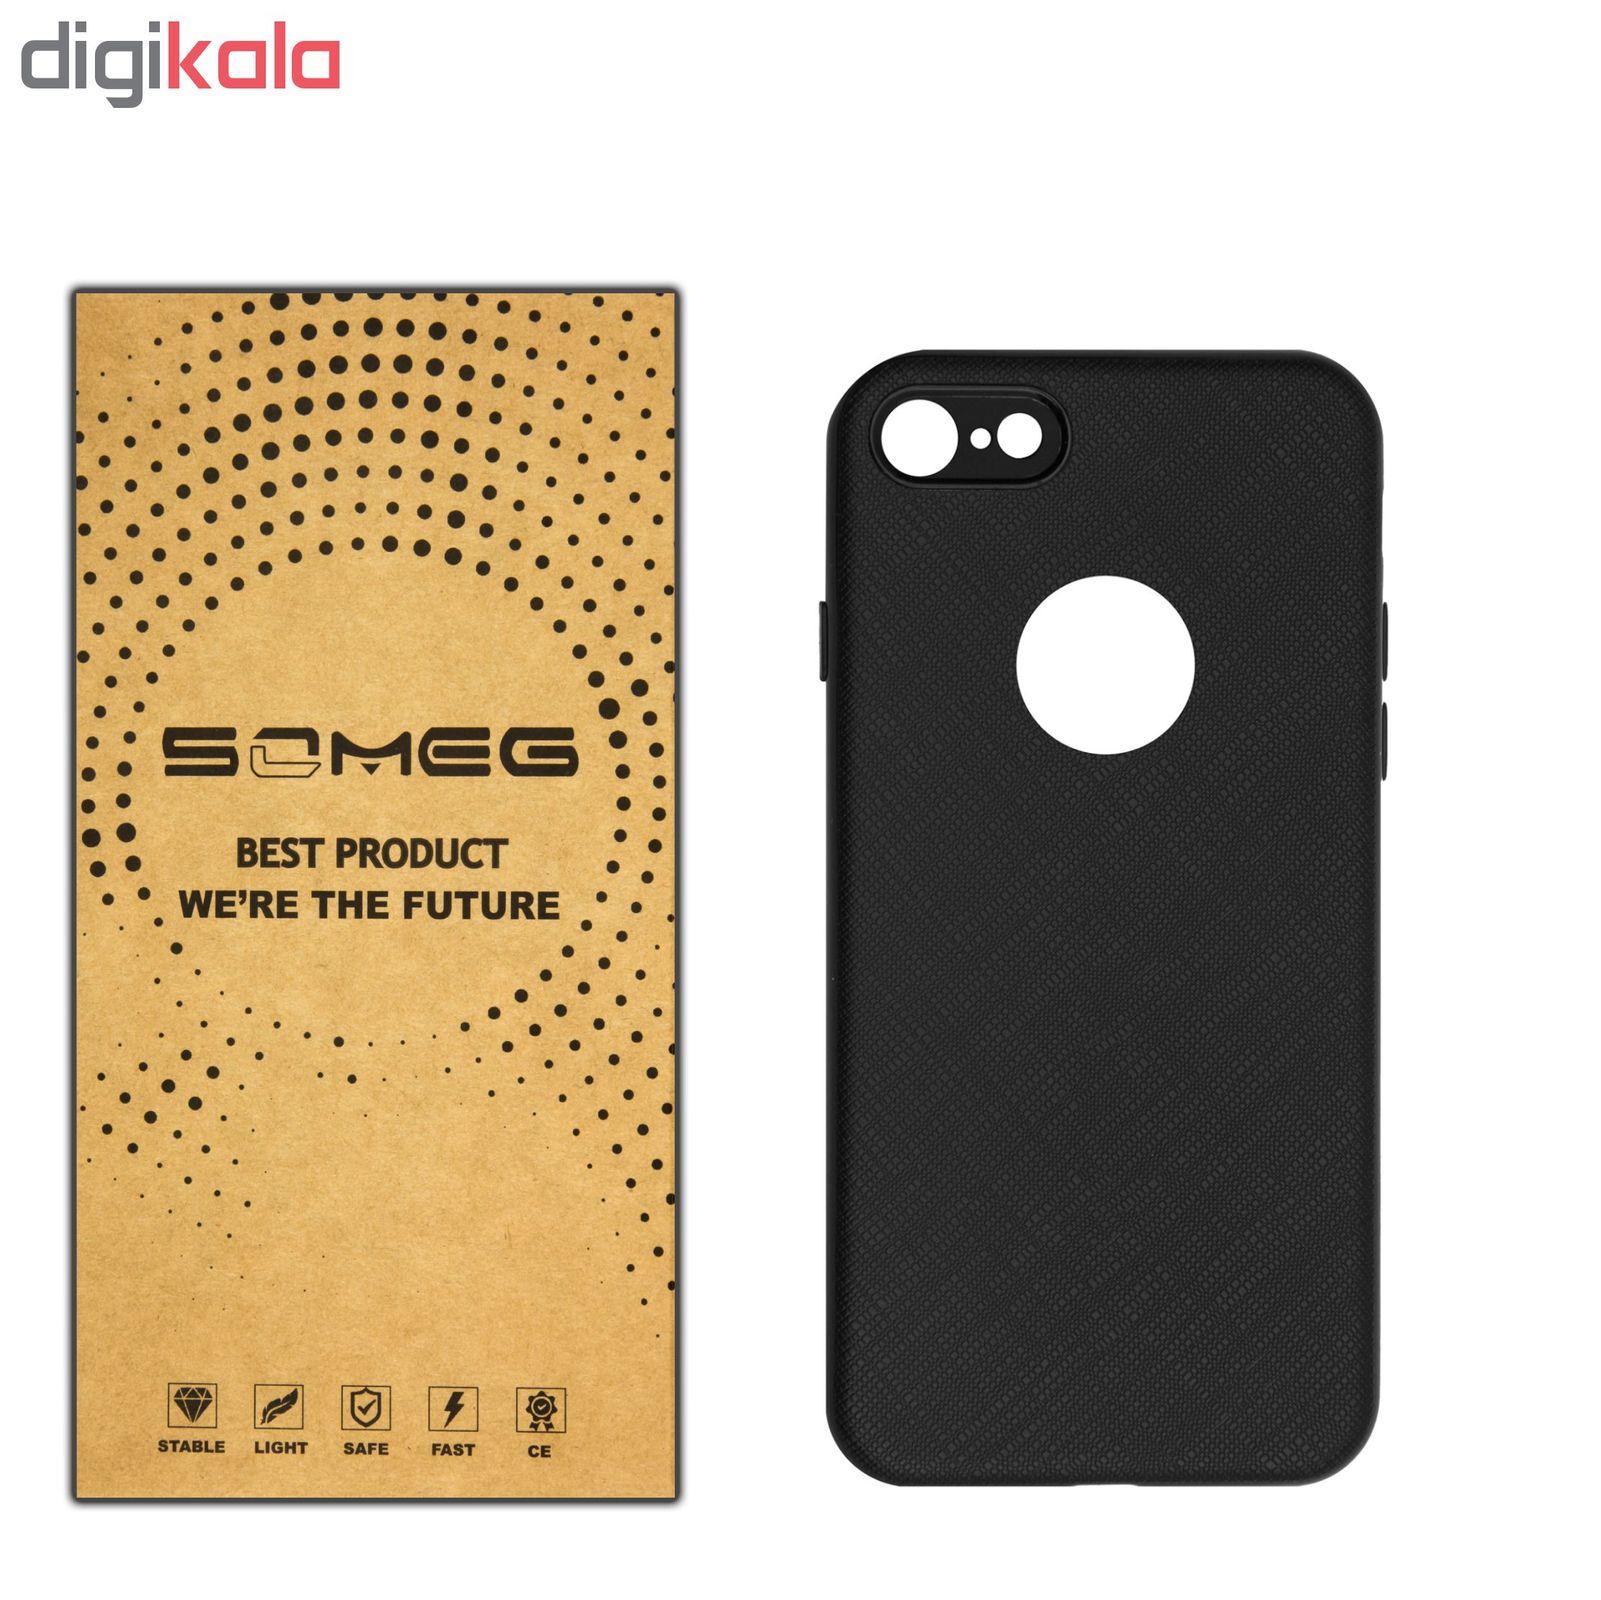 کاور سومگ مدل SC-i001 مناسب برای گوشی موبایل اپل iPhone 8 main 1 2